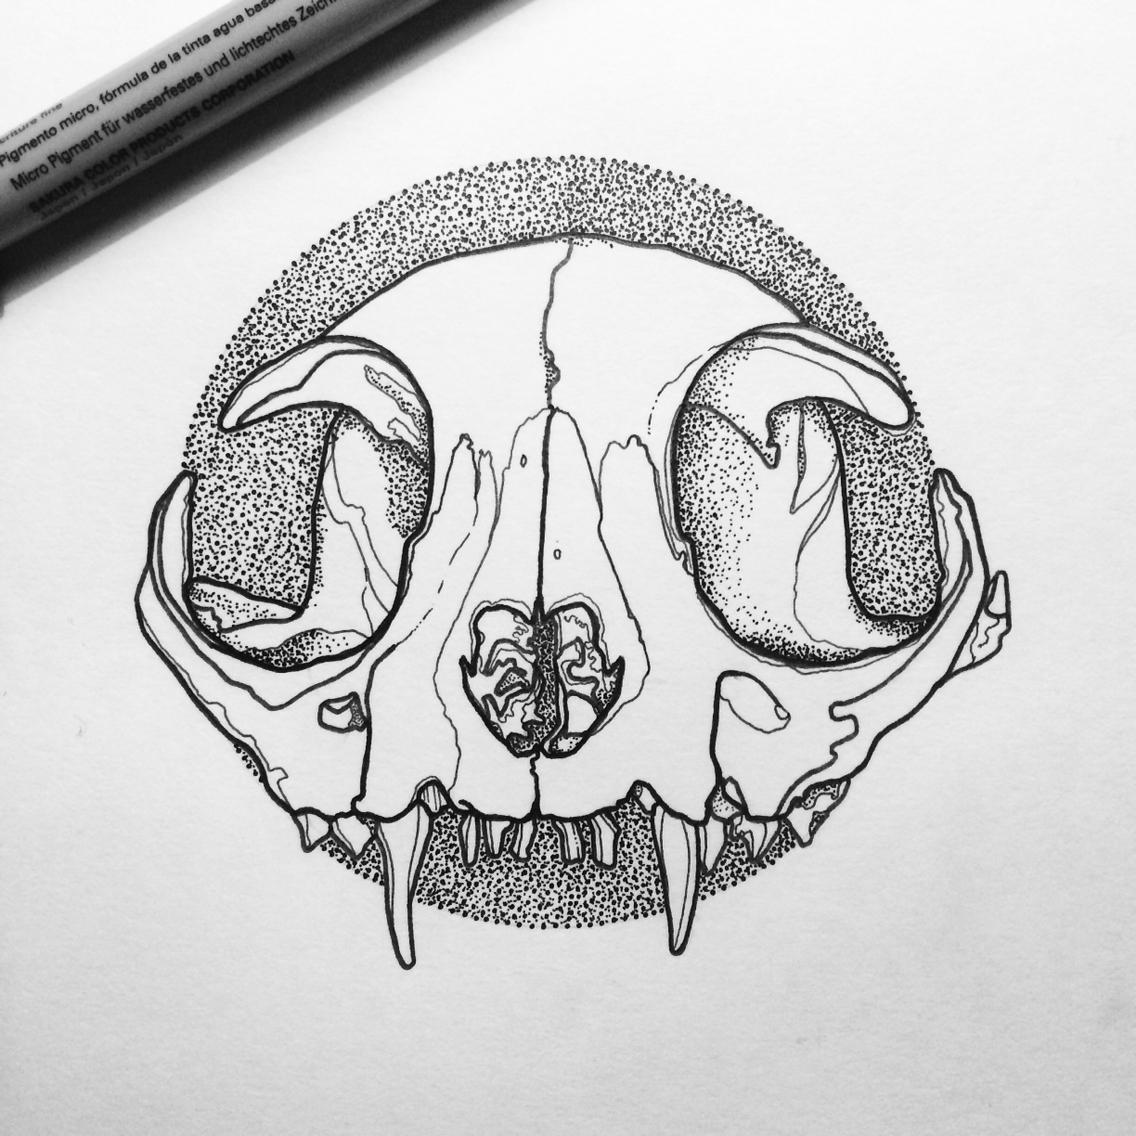 Drawn skull designer Skull #linework #line #line #linework